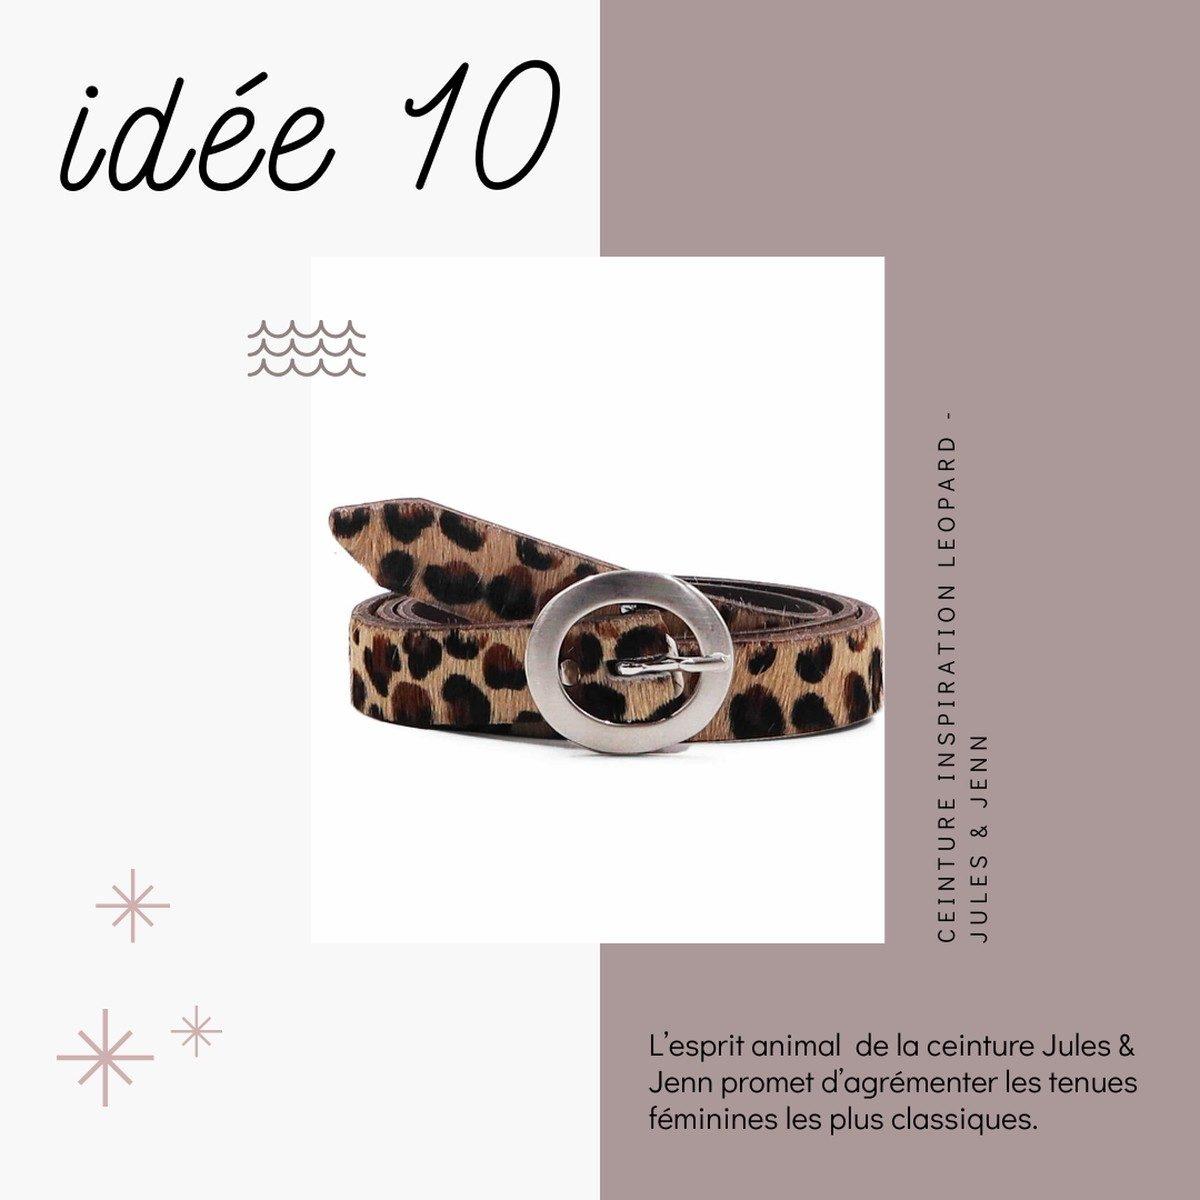 Idées de cadeaux slow fashion et déco à prix doux pour Noël - ceinture Made in France - Jules Jenn